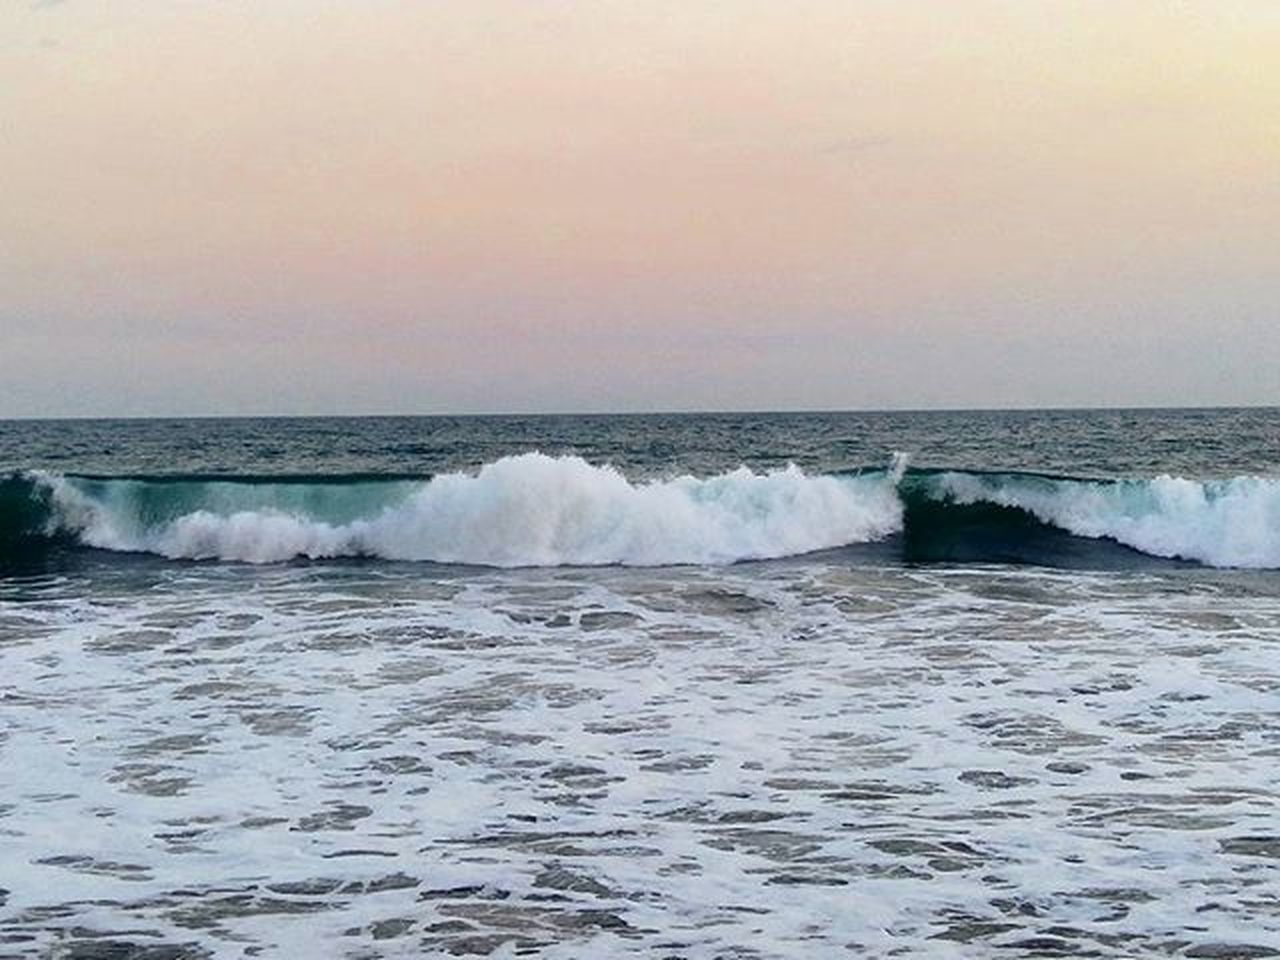 Las olas se rompen en espirales de espuma efervescente / The waves break in effervescent foam spirals Guatemala Santarosa Playa Mar Oceano Viajes  Naturaleza 2016 Beach Sea Ocean Waves Travel PerhapsYouNeedALittleGuatemala TheRealGuatemala LatinAmerica Seaporn Skyporn Nature